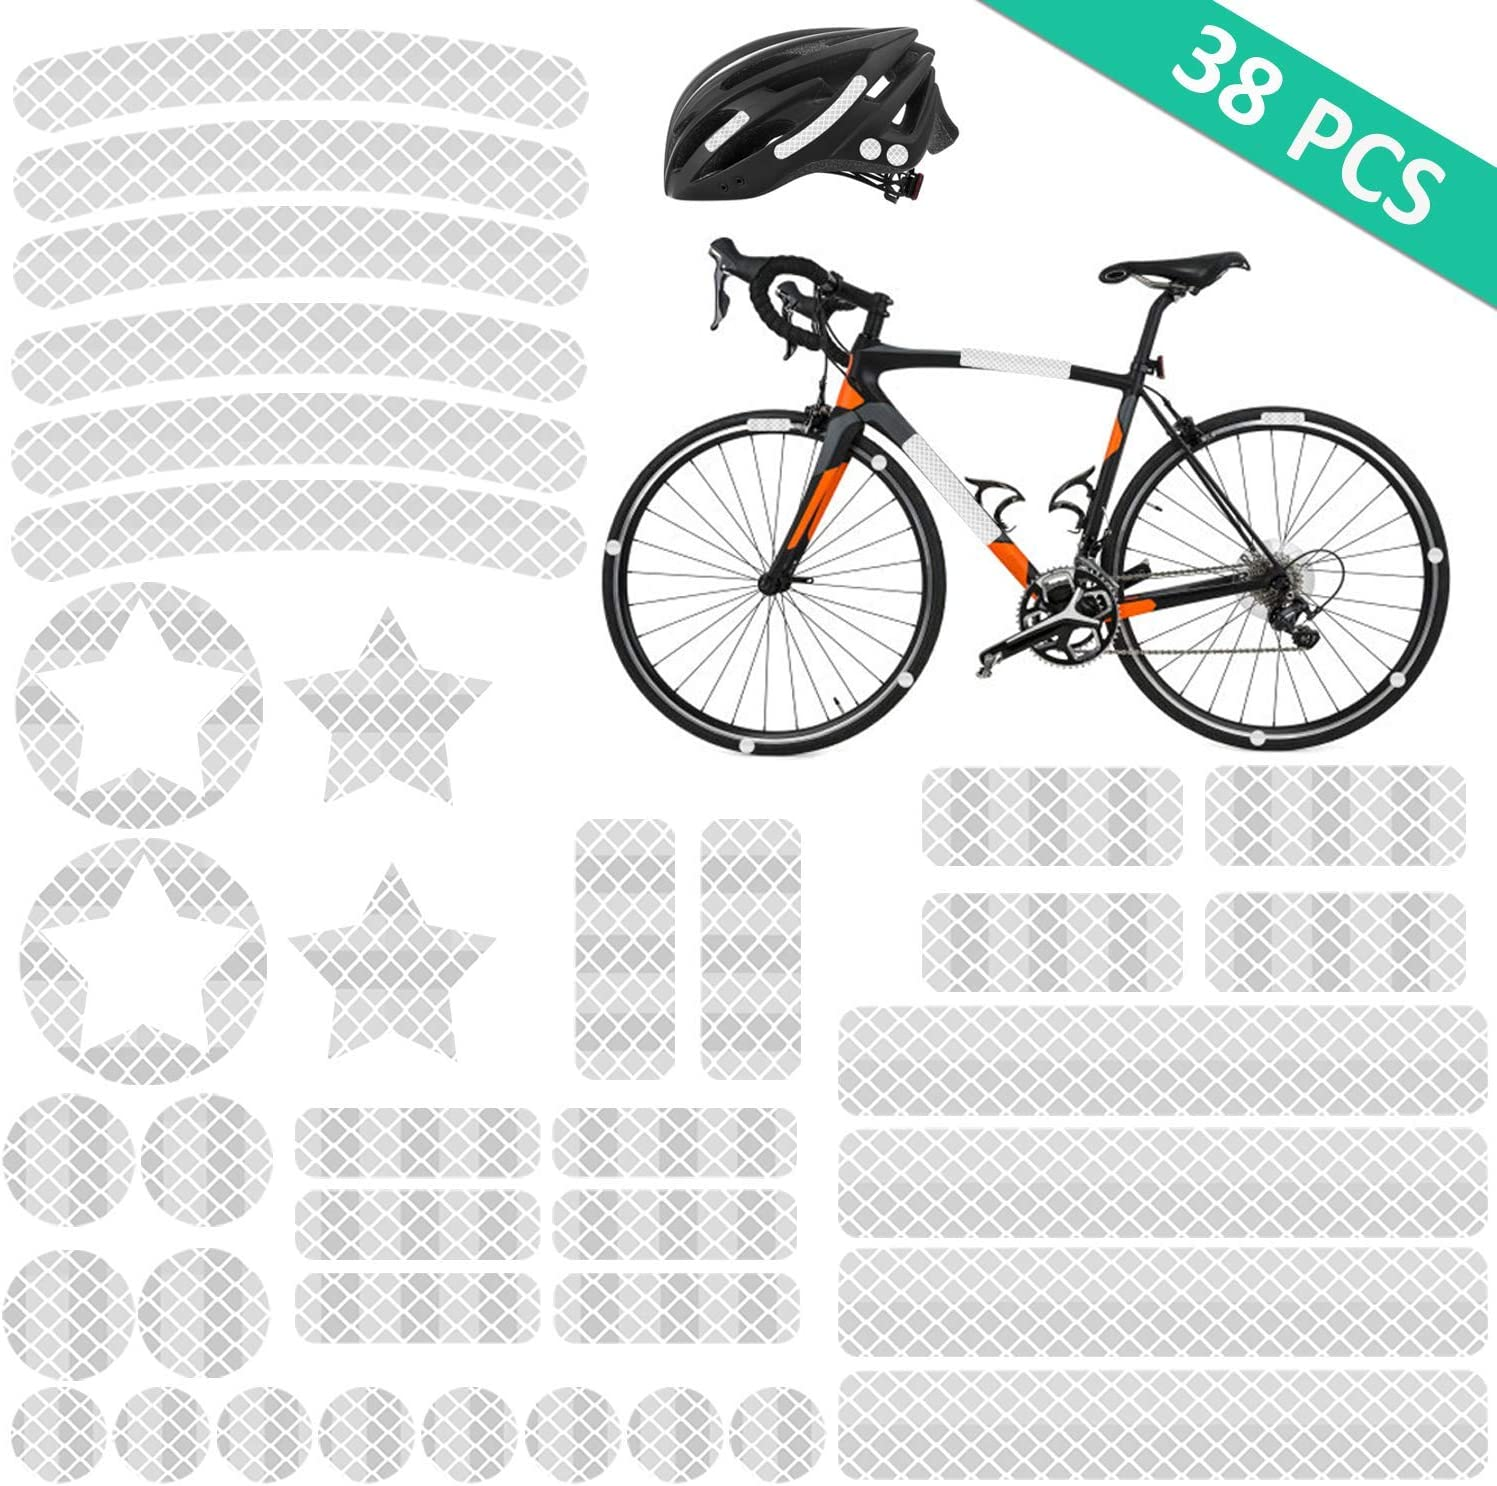 AGPTEK 38 Piezas Pegatinas Reflectantes Impermeable, Reflectores Adhesivos Adecuado para Cascos, Bicicletas, Moto, Coche, Plata